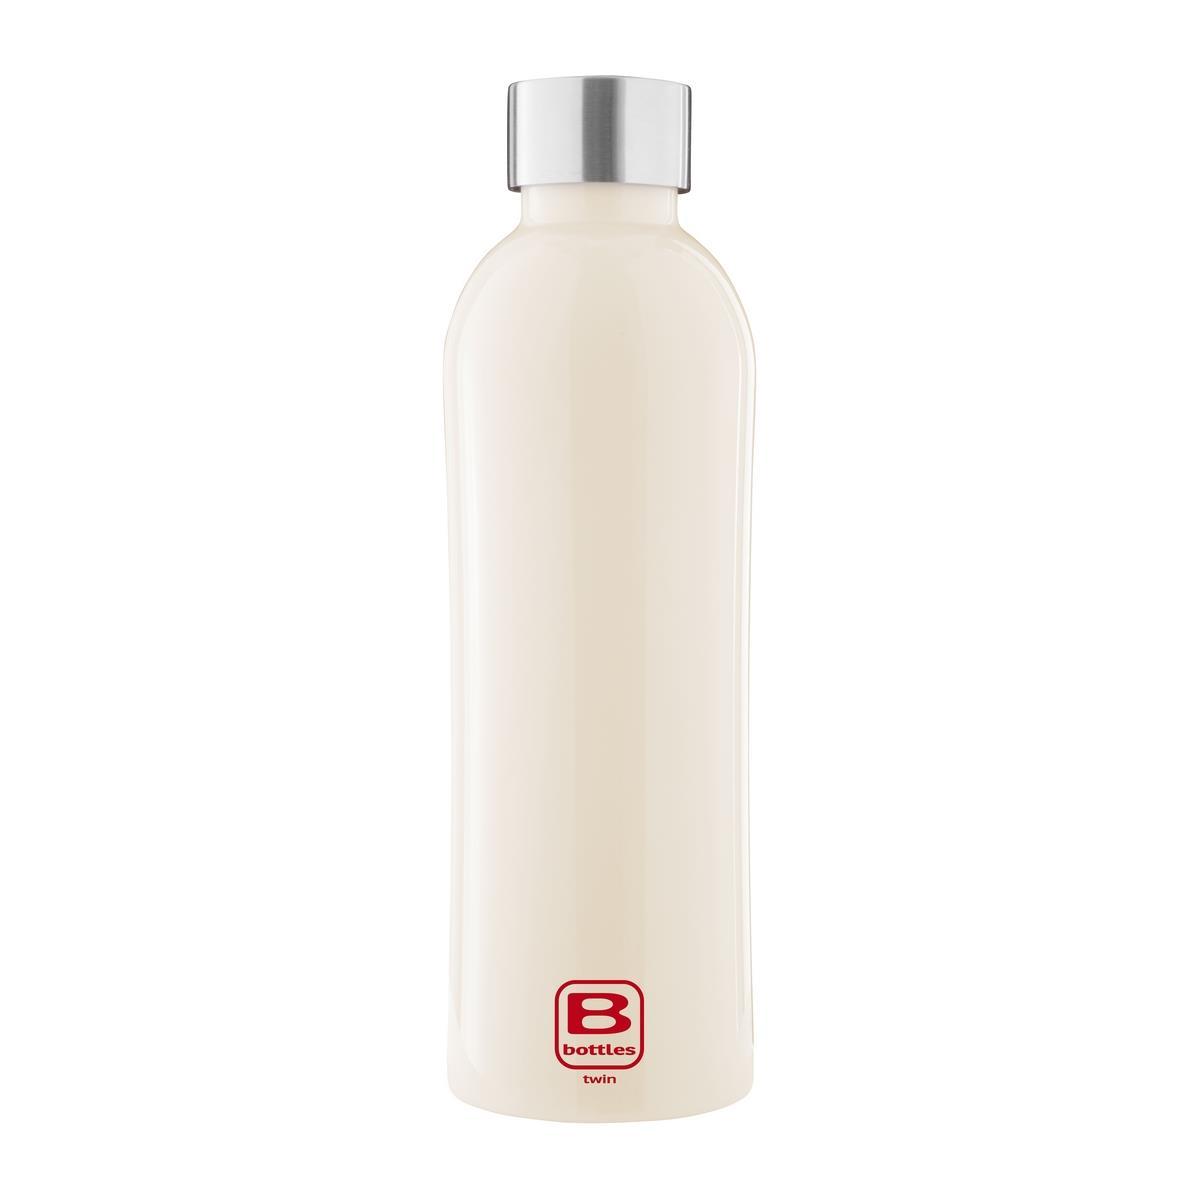 B Bottles Twin - Cream - 800 ml - Bottiglia Termica a doppia parete in acciaio inox 18/10